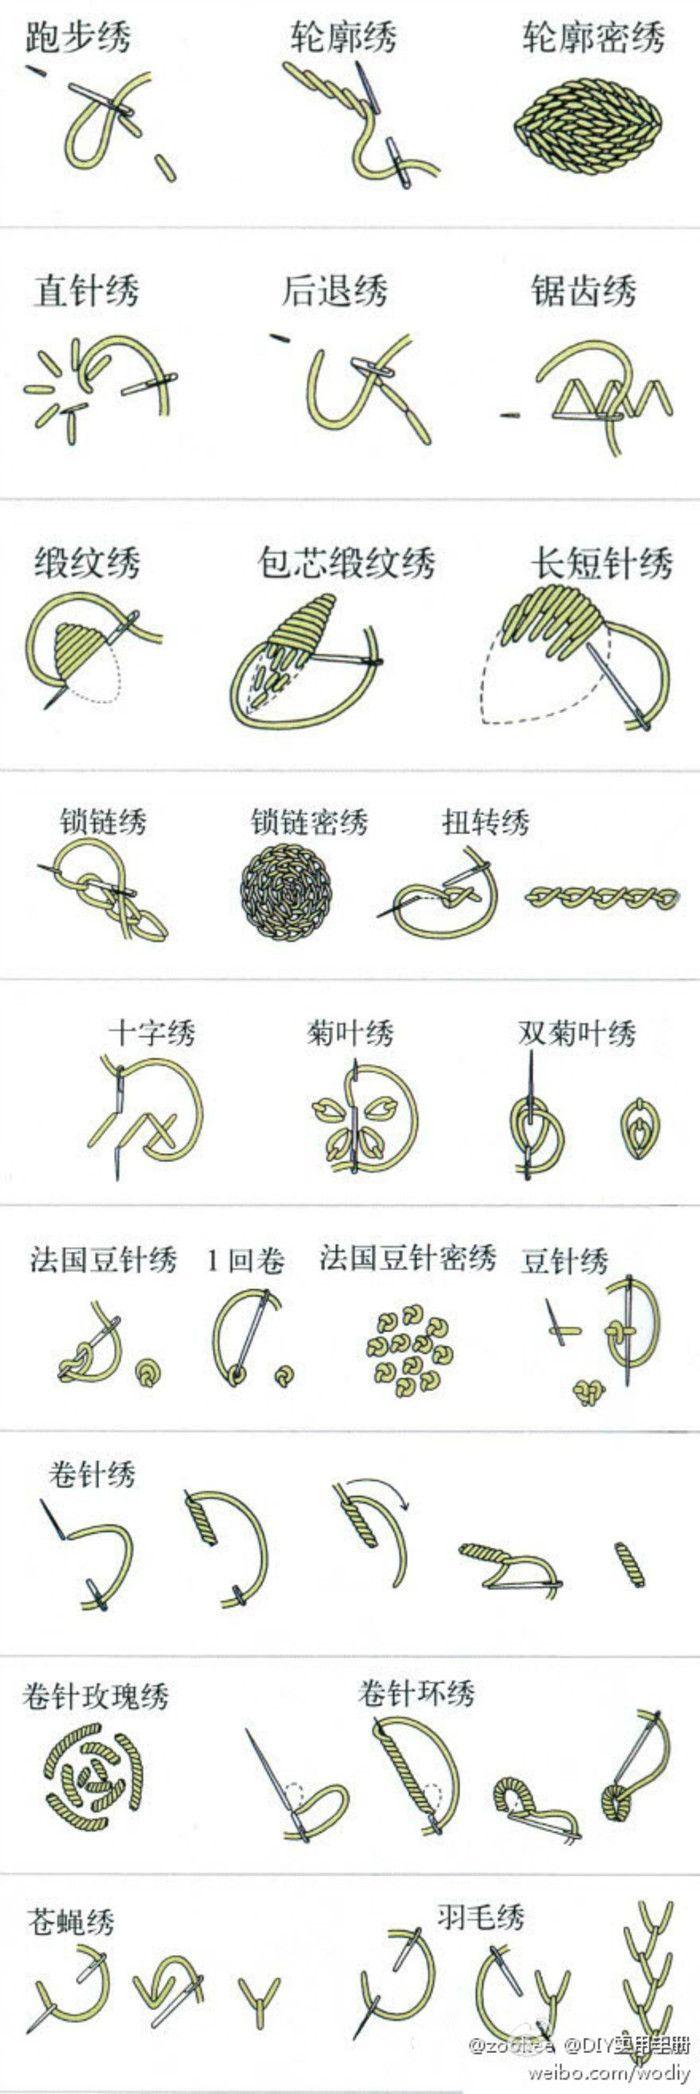 各种刺绣绣法